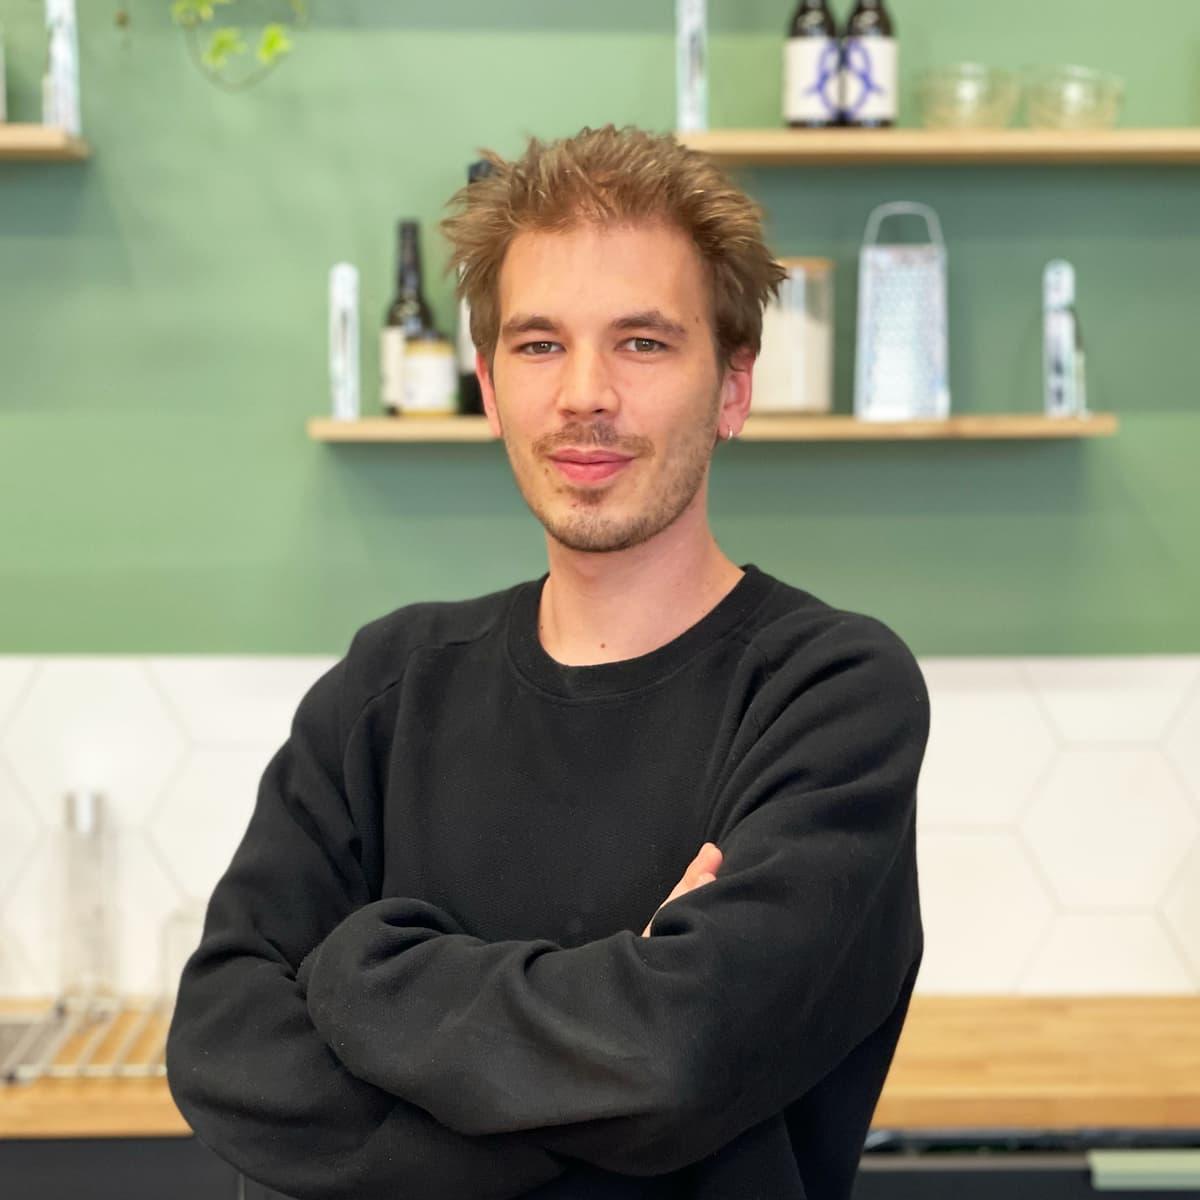 Photo Ilan Charpillon, Directeur artistique Omie & Cie